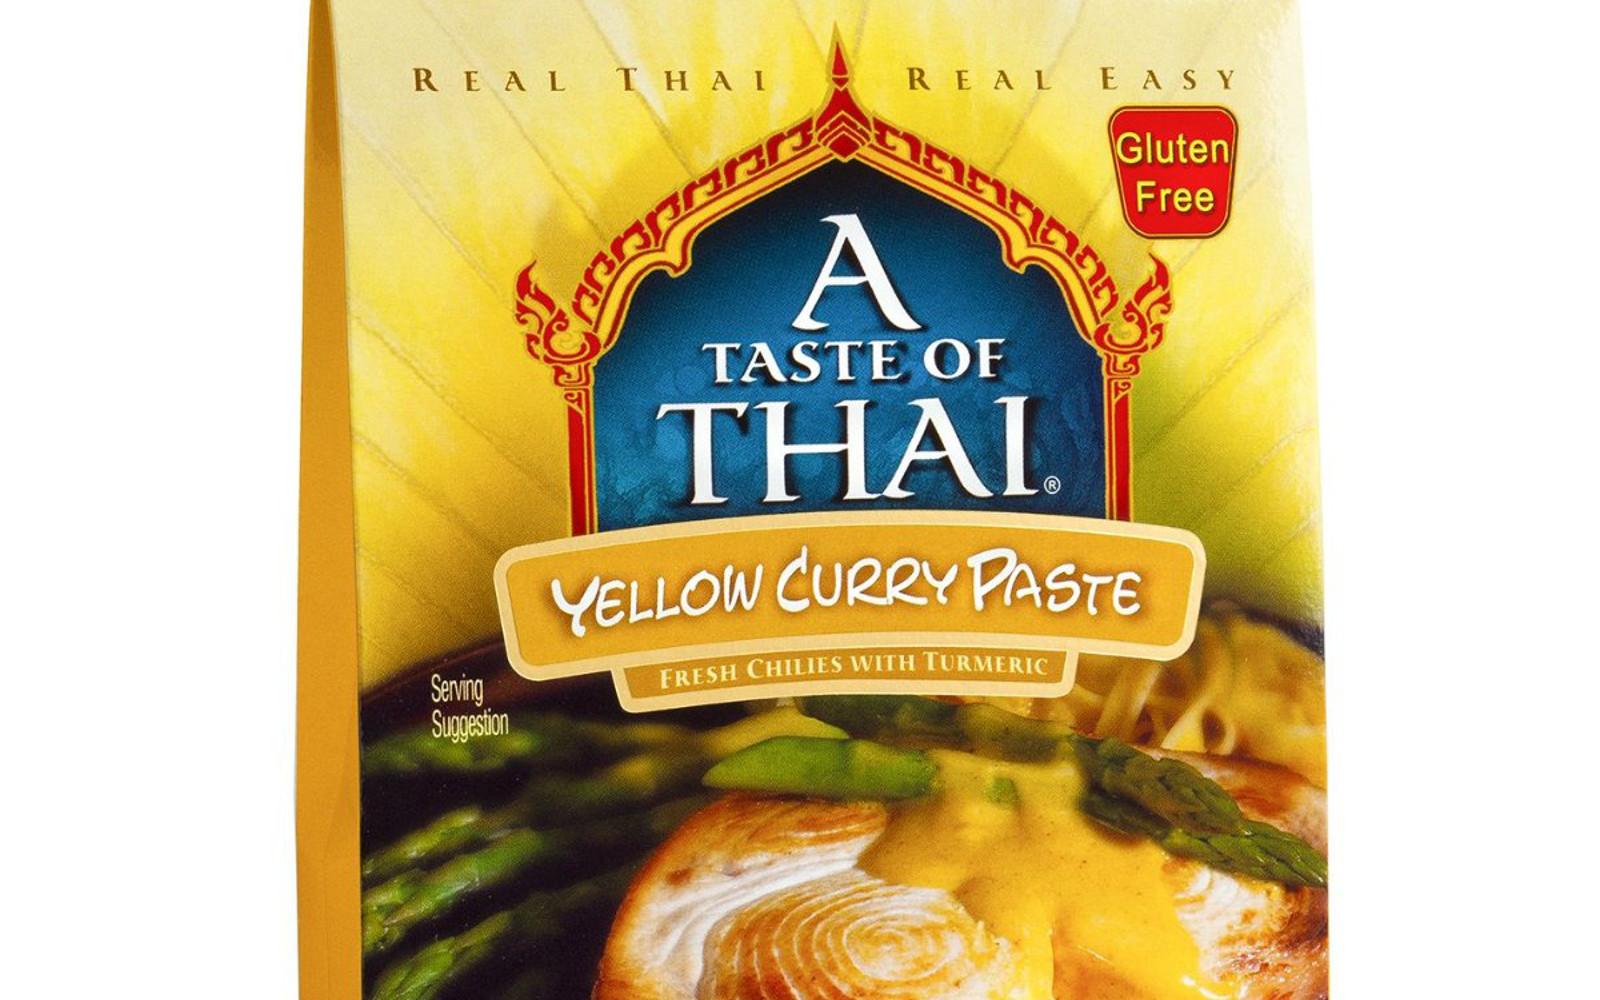 A Taste of Thai Yellow Curry Paste